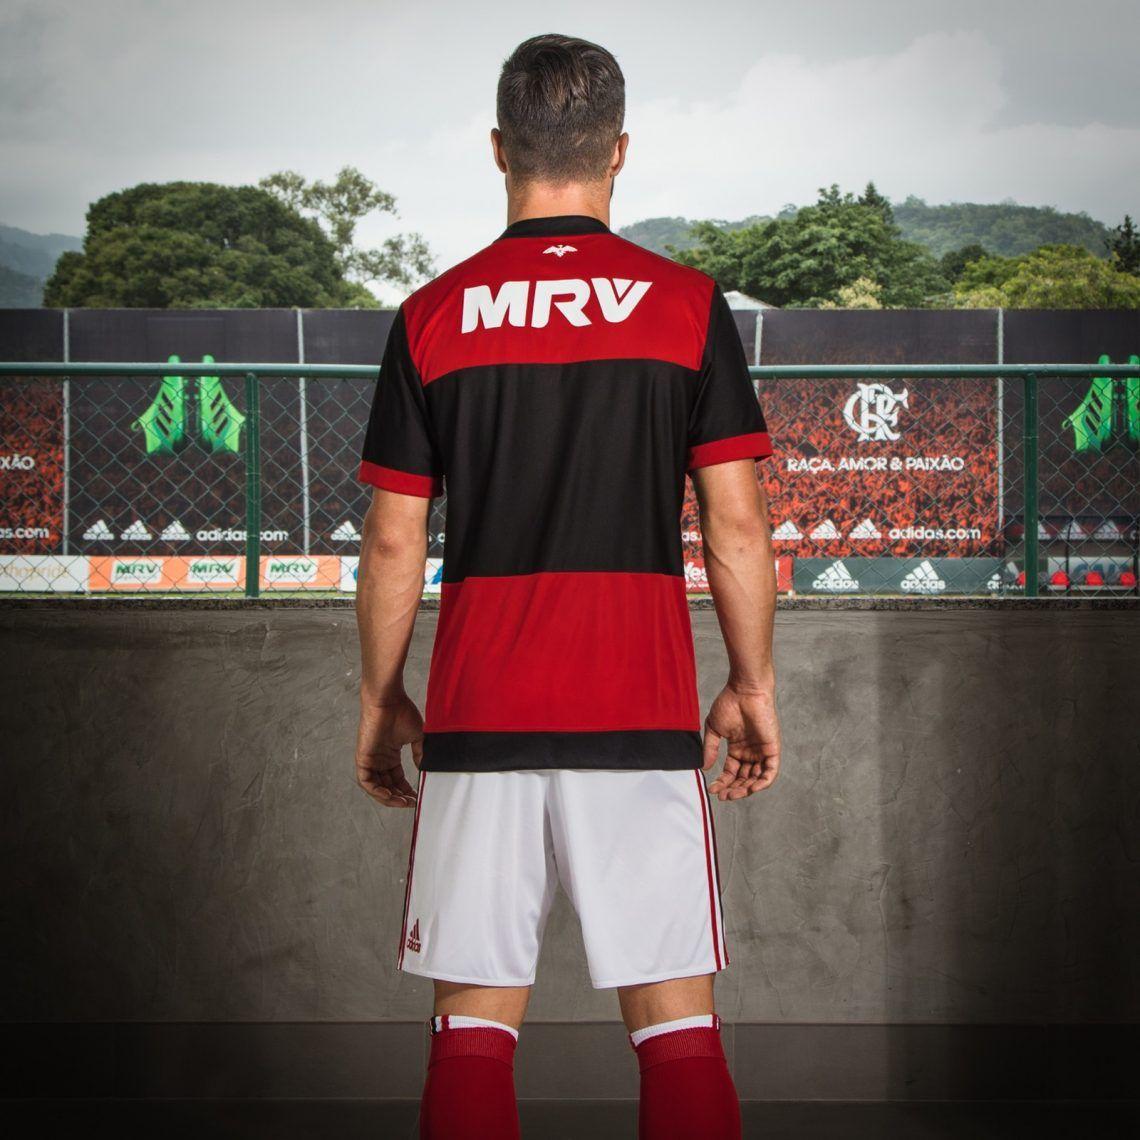 Nova Camisa Do Flamengo 2017 2018 Com Imagens Camisa Do